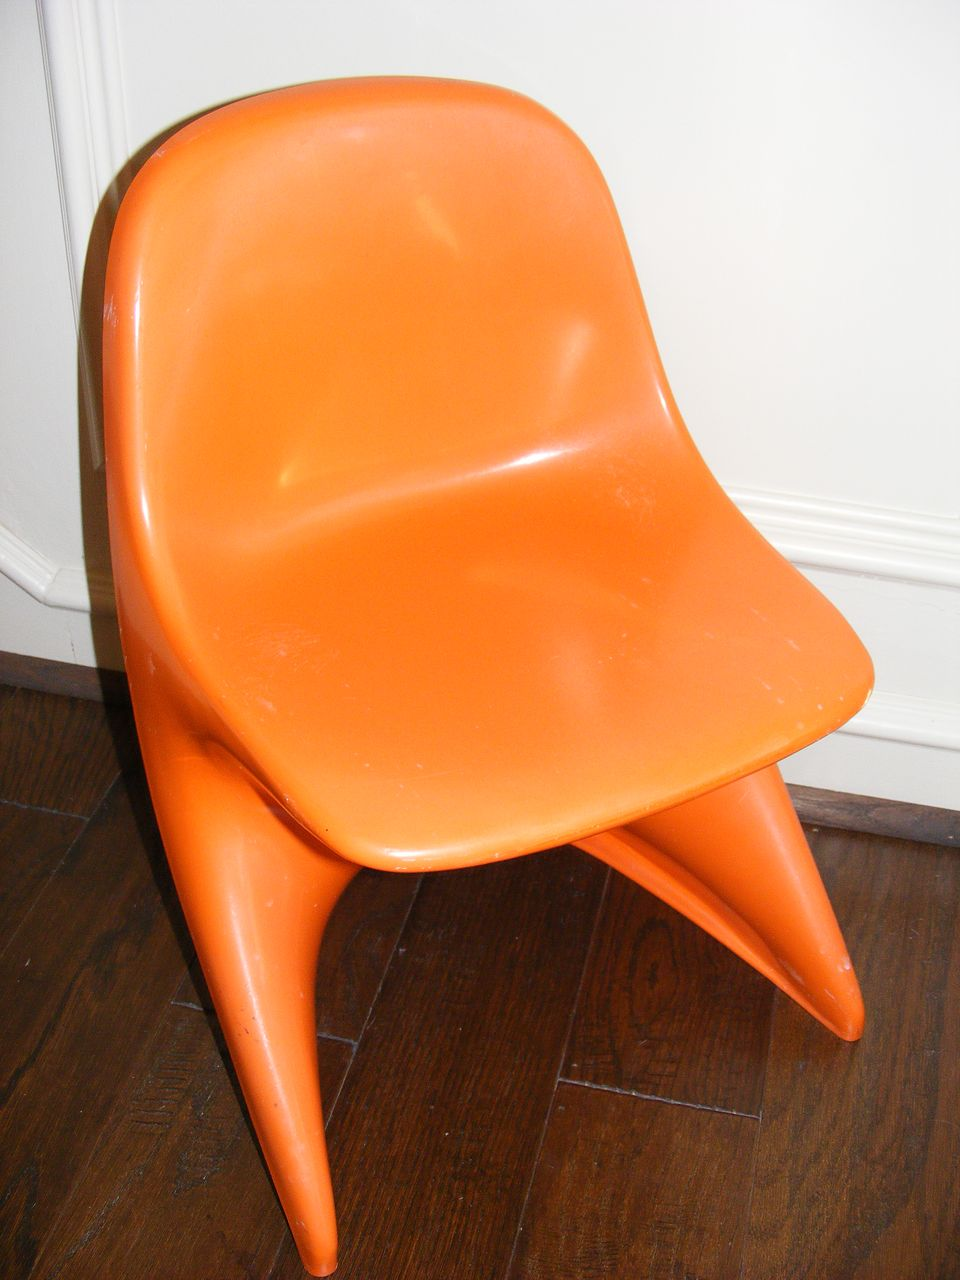 Vintage 1977 Casalino 0 Child S Chair Orange From